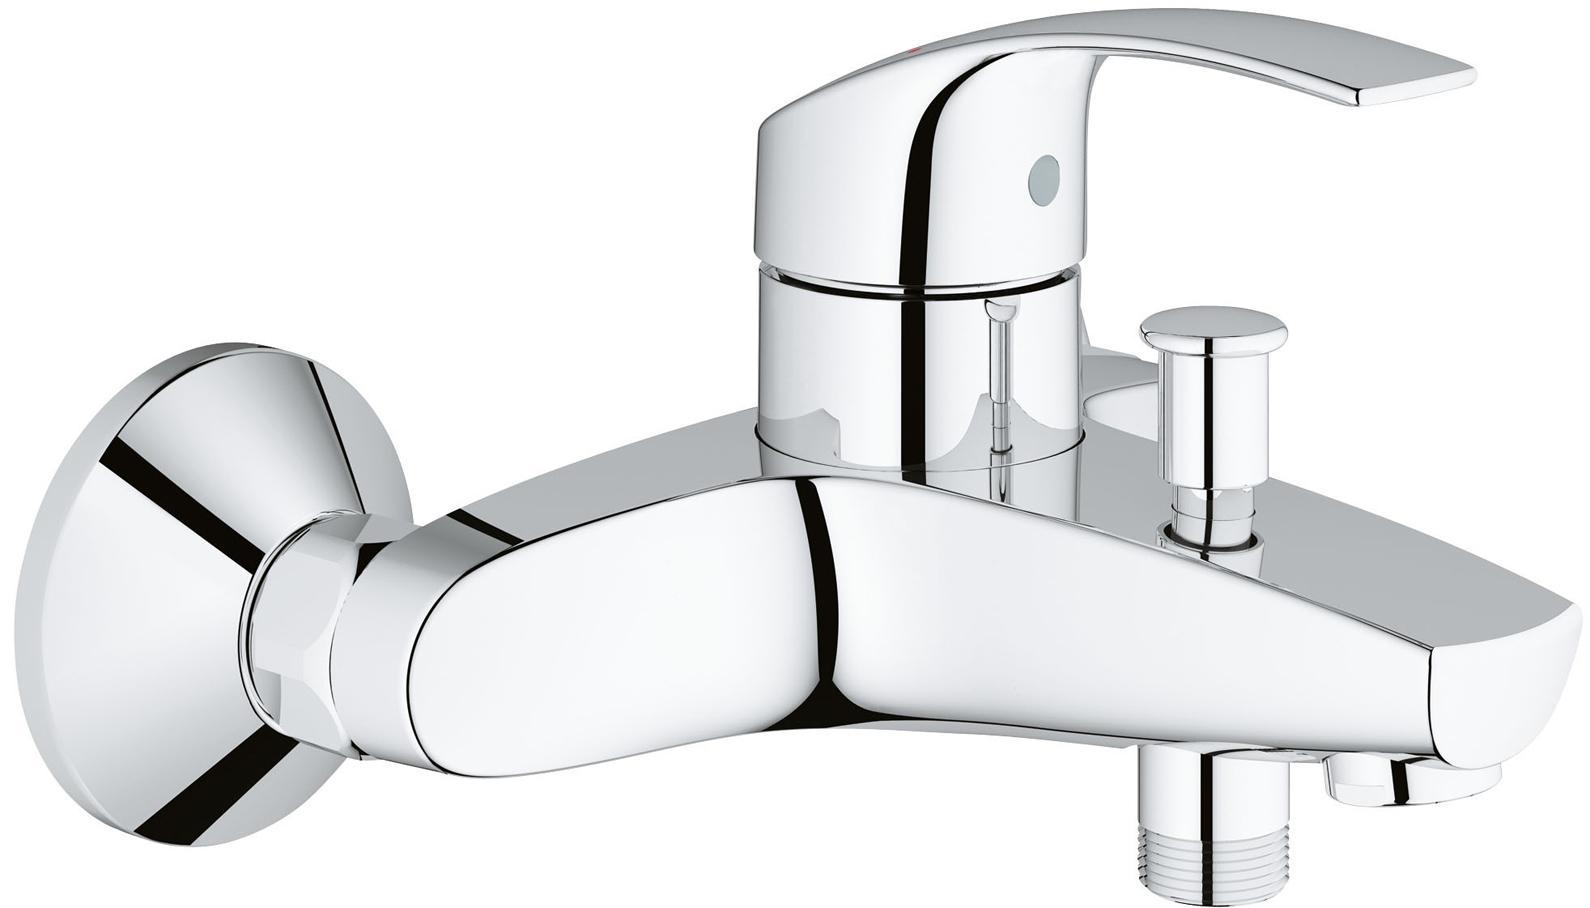 Смеситель для ванны GROHE Eurosmart New, хром68/5/1GROHE Eurosmart: смеситель для ванны, с которым купание будет приносить удовольствие Этот смеситель для ванны оснащен автоматическим переключателем «ванна-душ», а также встроенным ограничителем температуры, предотвращающим ошпаривание. Технология GROHE SilkMove обеспечивает плавность и легкость регулировки температуры и напора воды, позволяя Вам наслаждаться полным расслаблением при принятии душа. Благодаря долговечному хромированному покрытию GROHE StarLight, этот смеситель из коллекции Eurosmart станет эффектным дополнением к оснащению Вашей ванной комнаты и будет радовать Вас неприхотливостью в уходе.Особенности:Настенный монтаж Металлический рычаг GROHE SilkMove керамический картридж 35 мм С ограничителем температуры Регулировка расхода воды GROHE StarLight хромированная поверхностьАвтоматический переключатель: ванна/душ Встроенный обратный клапан в душевом отводе 1/2? Аэратор Скрытые S-образные эксцентрики Отражатели из металла С защитой от обратного потокаВидео по установке является исключительно информационным. Установка должна проводиться профессионалами! Серия: Eurosmart New; цвет: хром